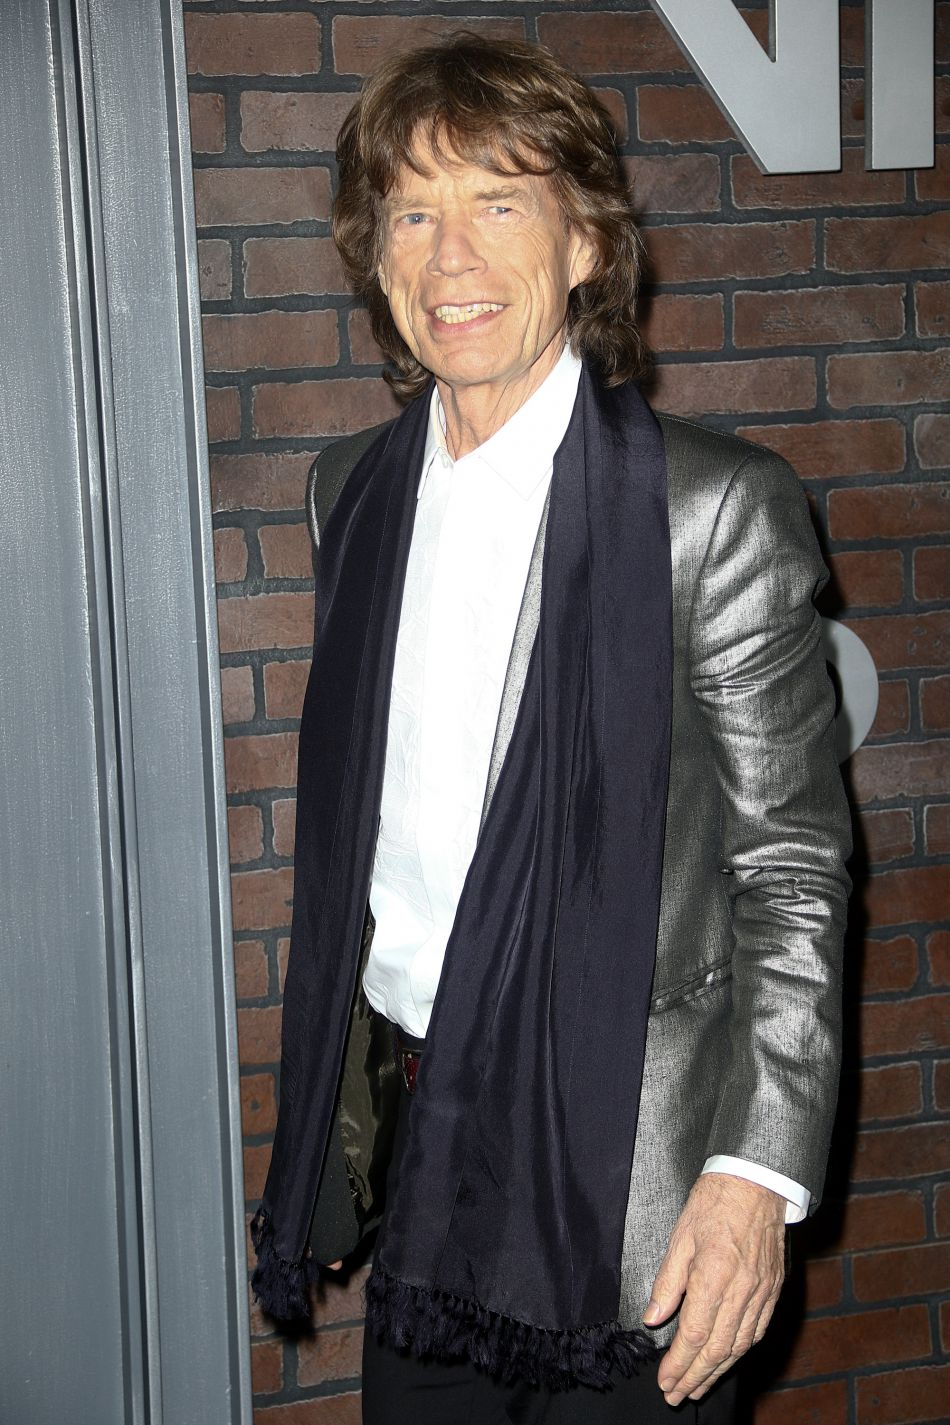 Déjà grand-père et même arrière grand-père, Mick Jagger se dit heureux d'élargir sa famille.